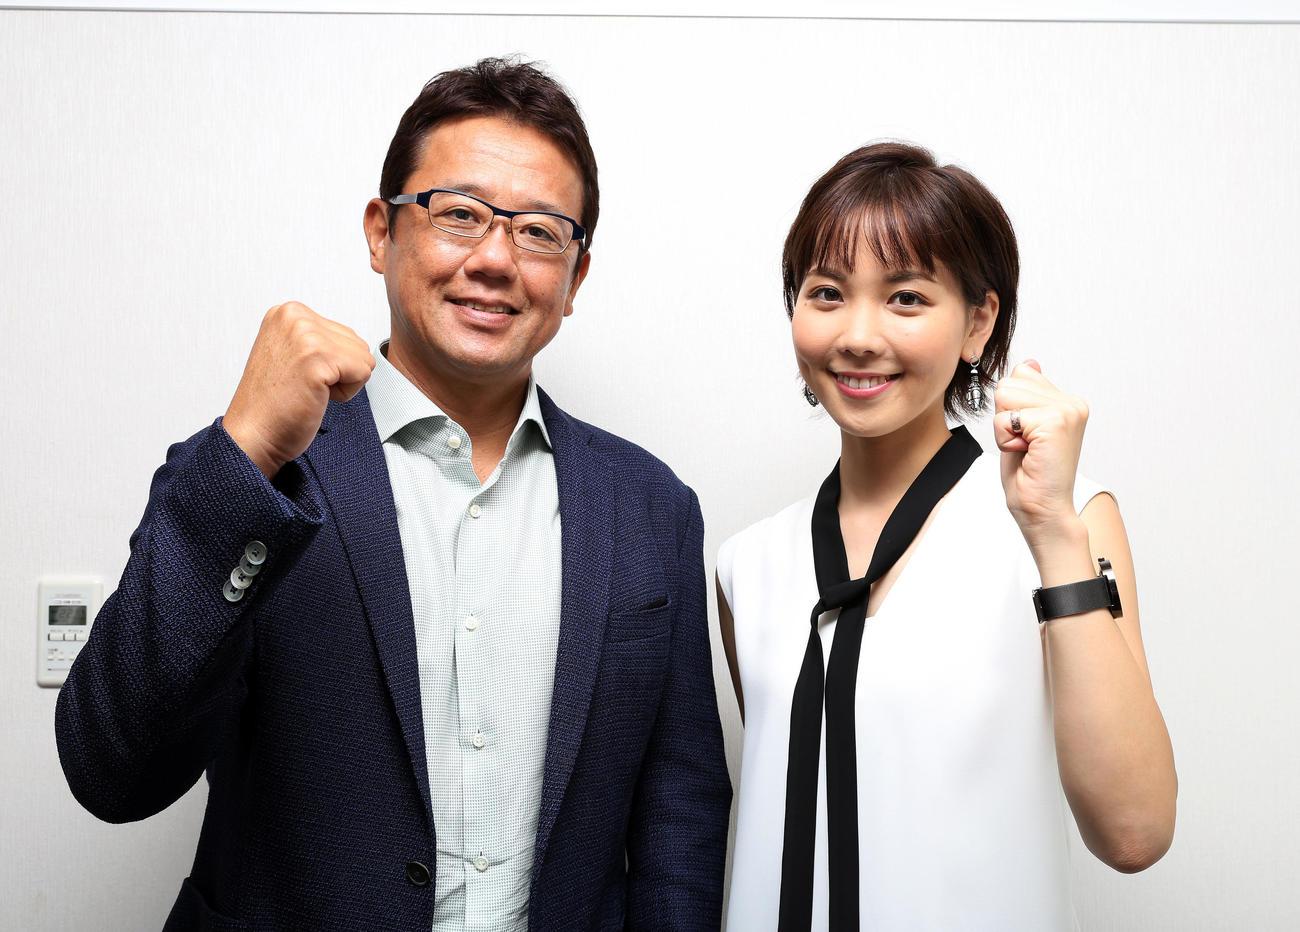 「熱闘甲子園」で球児の熱戦を伝える古田敦也氏とヒロド歩美アナウンサー(2019年8月1日撮影)